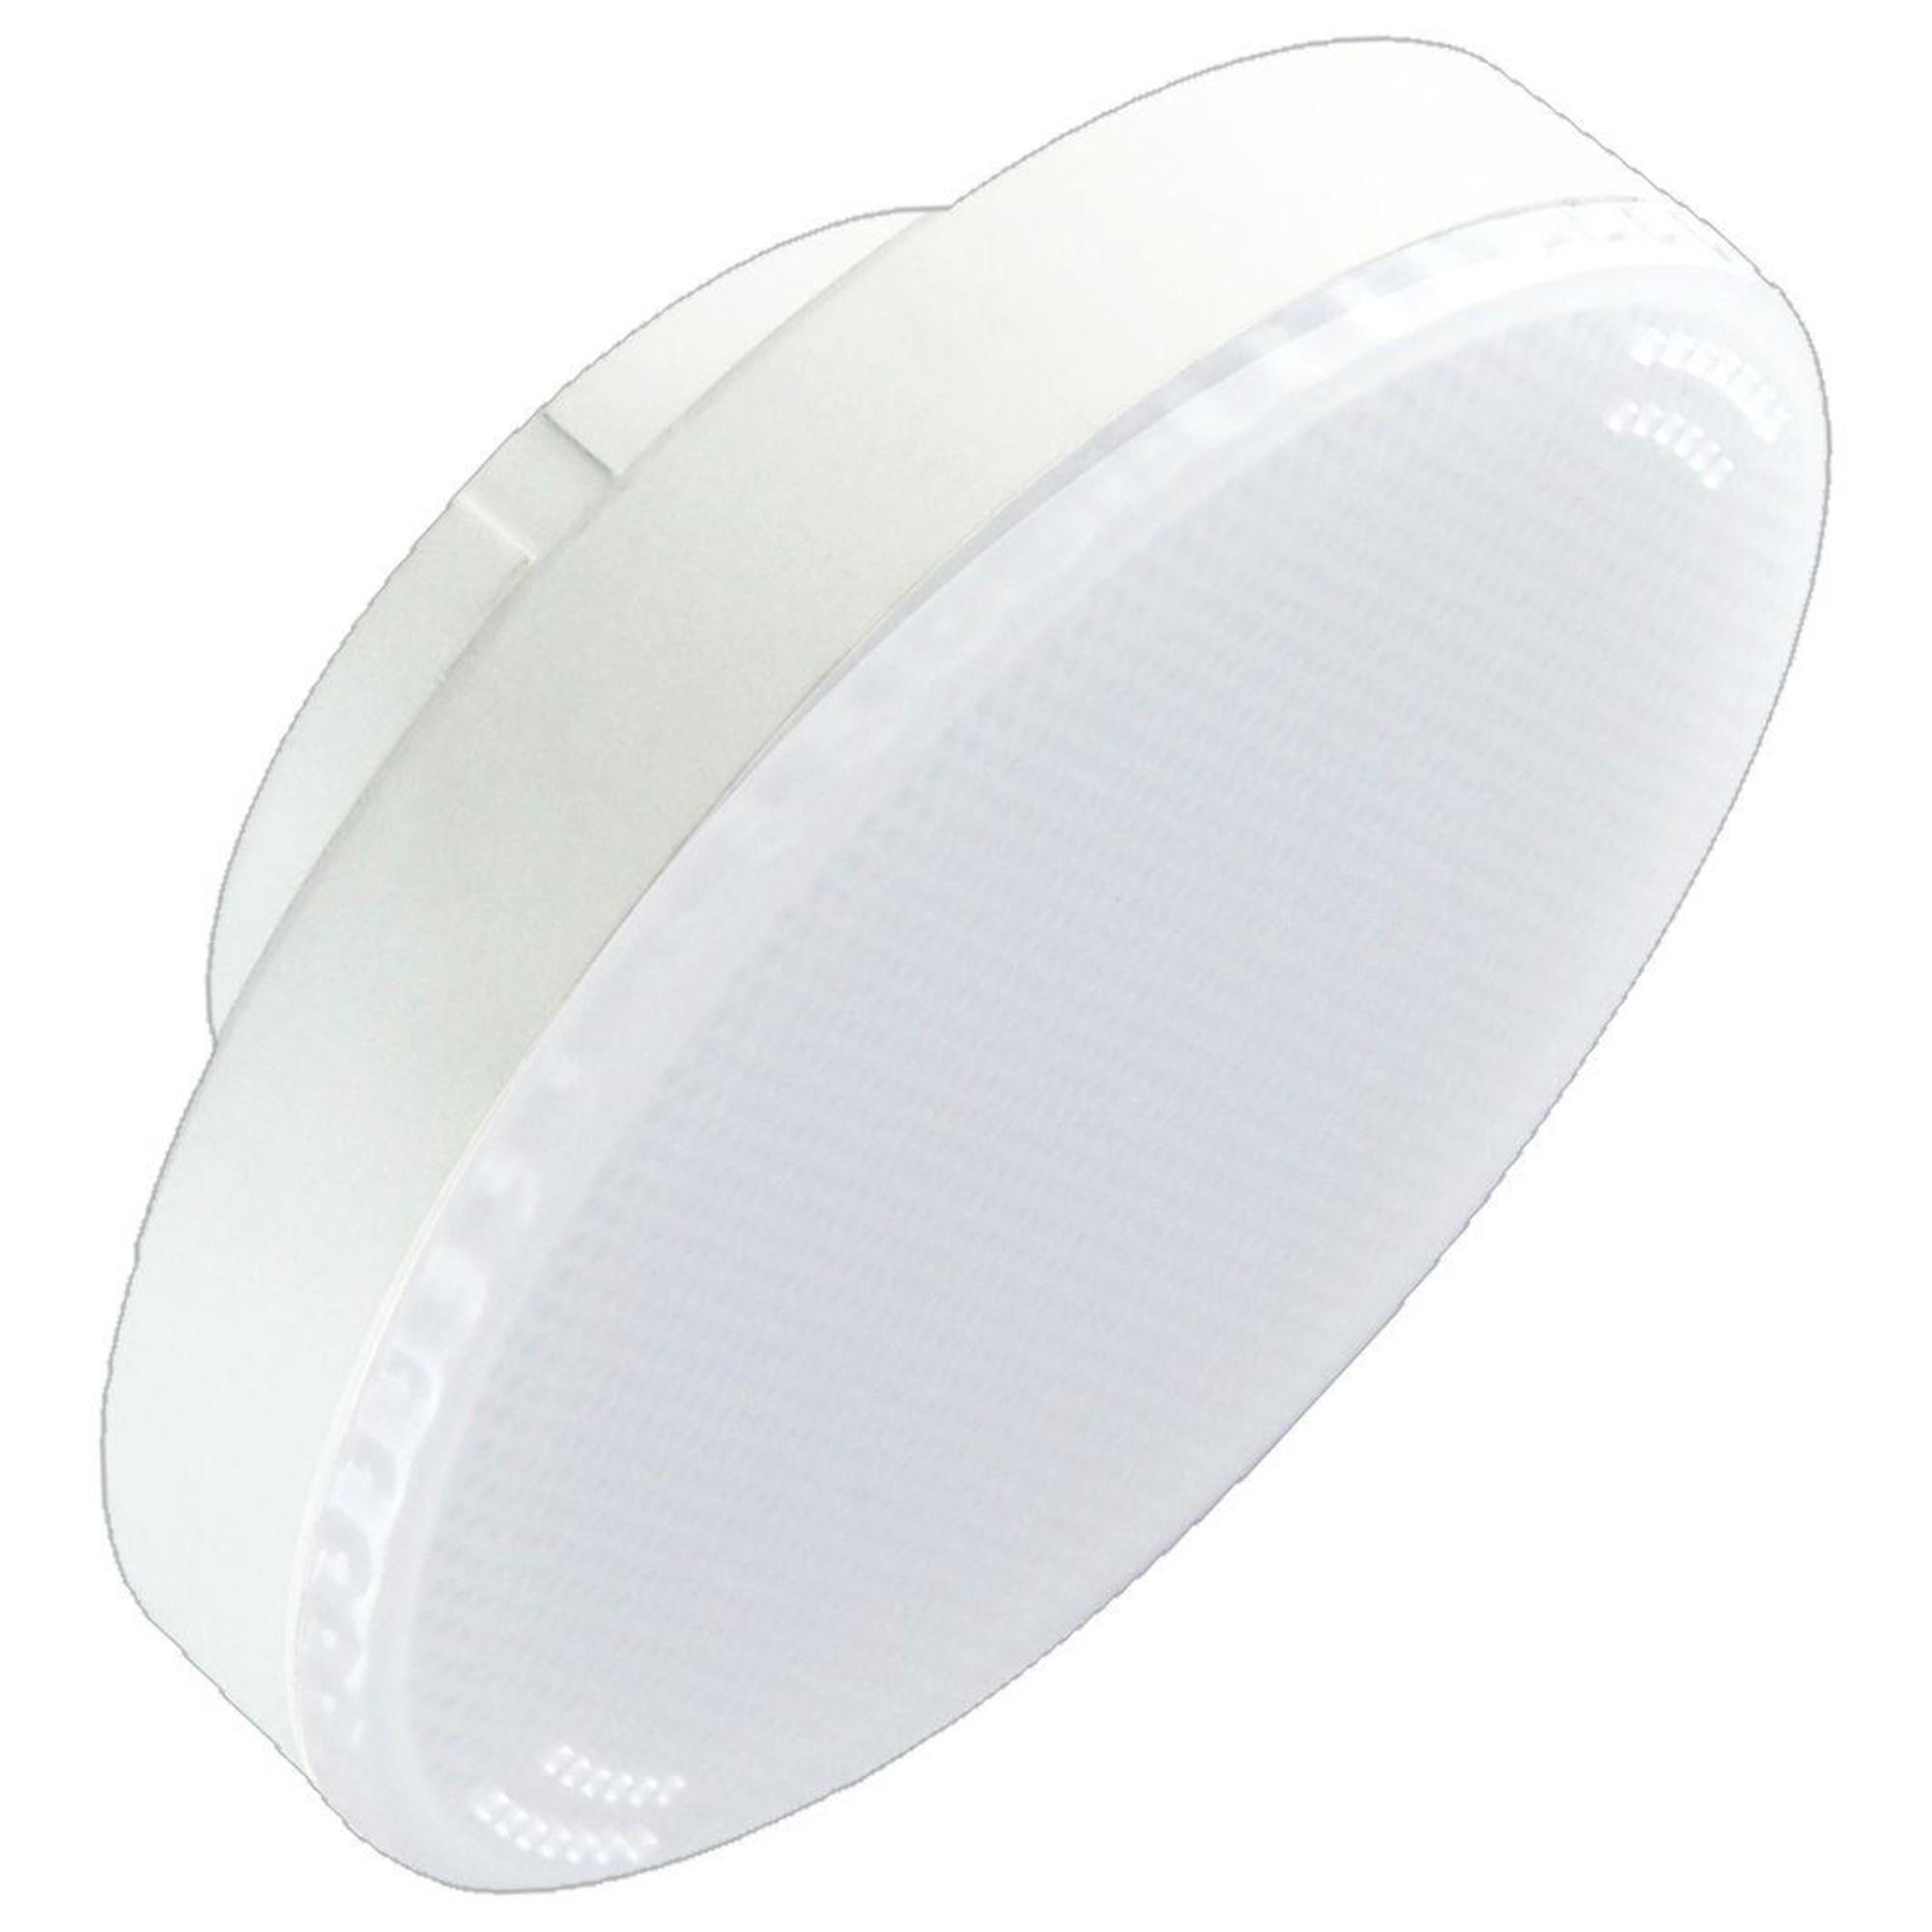 Лампа Ecola стандарт светодионая GX53 6 Вт таблетка 480 Лм холодный свет